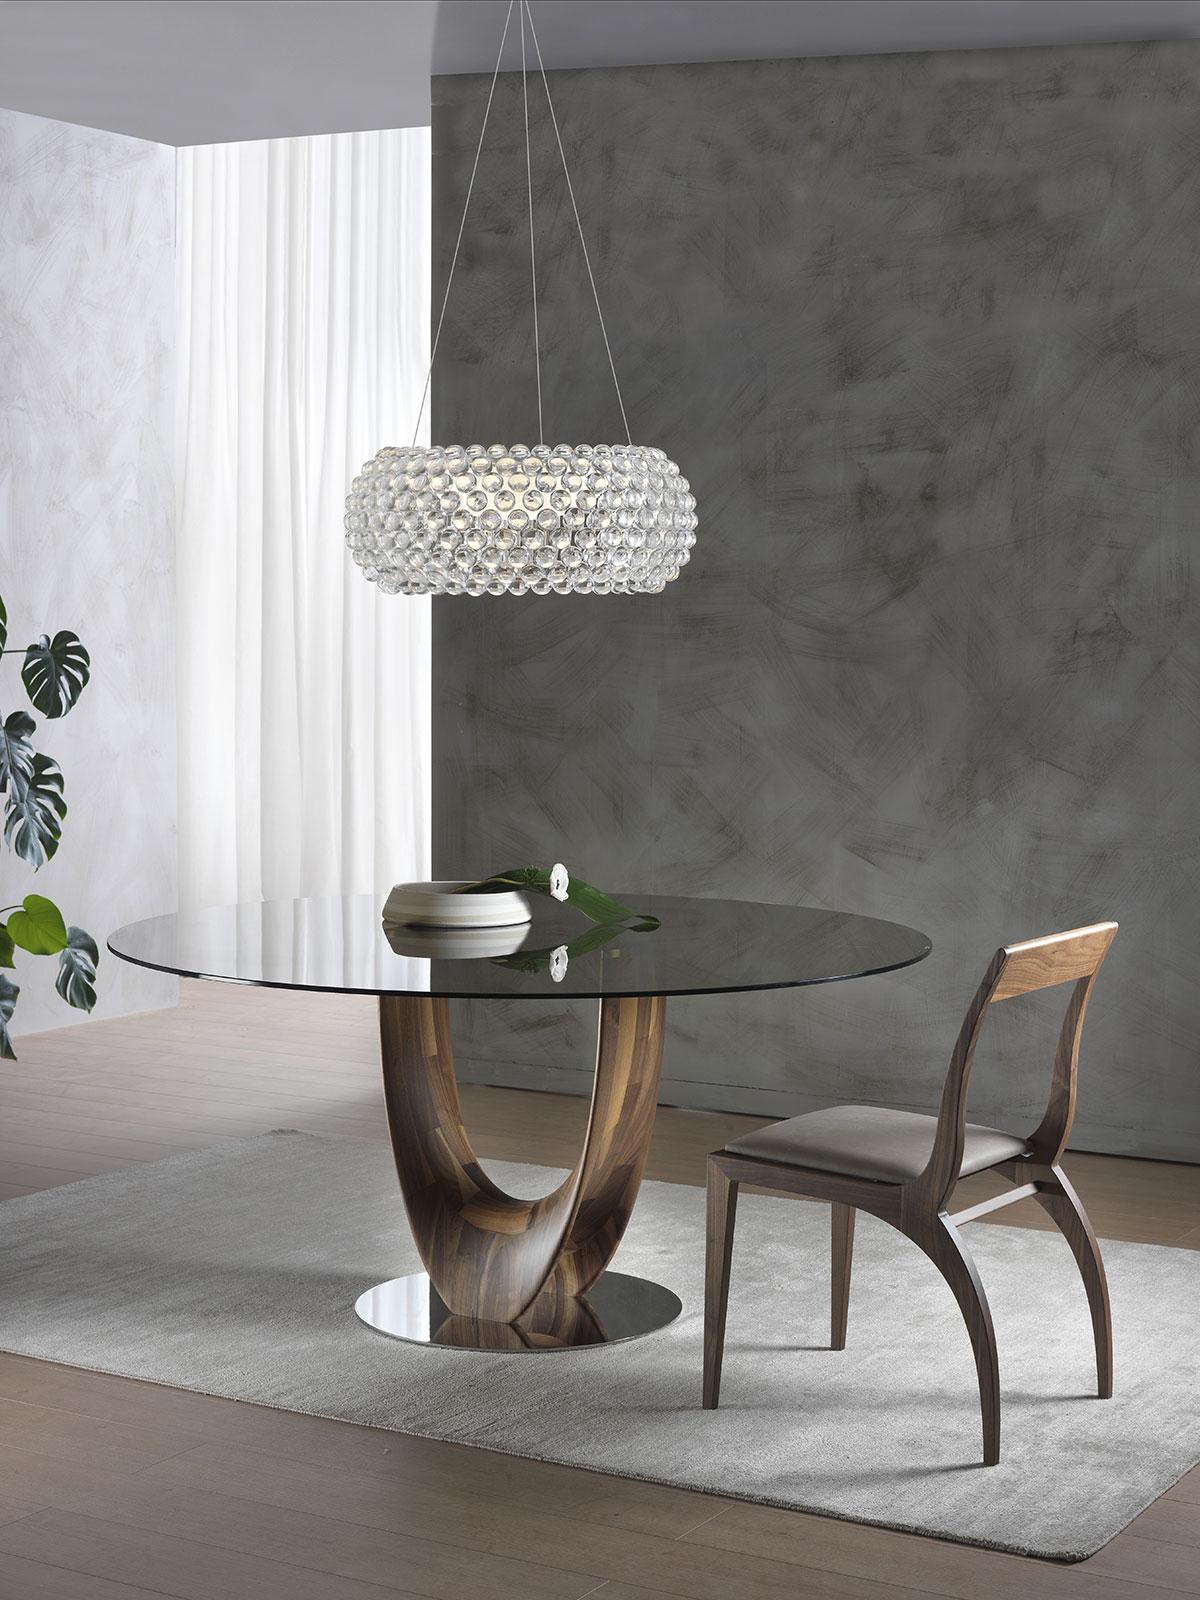 Tavolo da pranzo rotondo in vetro naturale e noce Canaletto. Vendita online di tavoli e mobili artigianali made in italy.